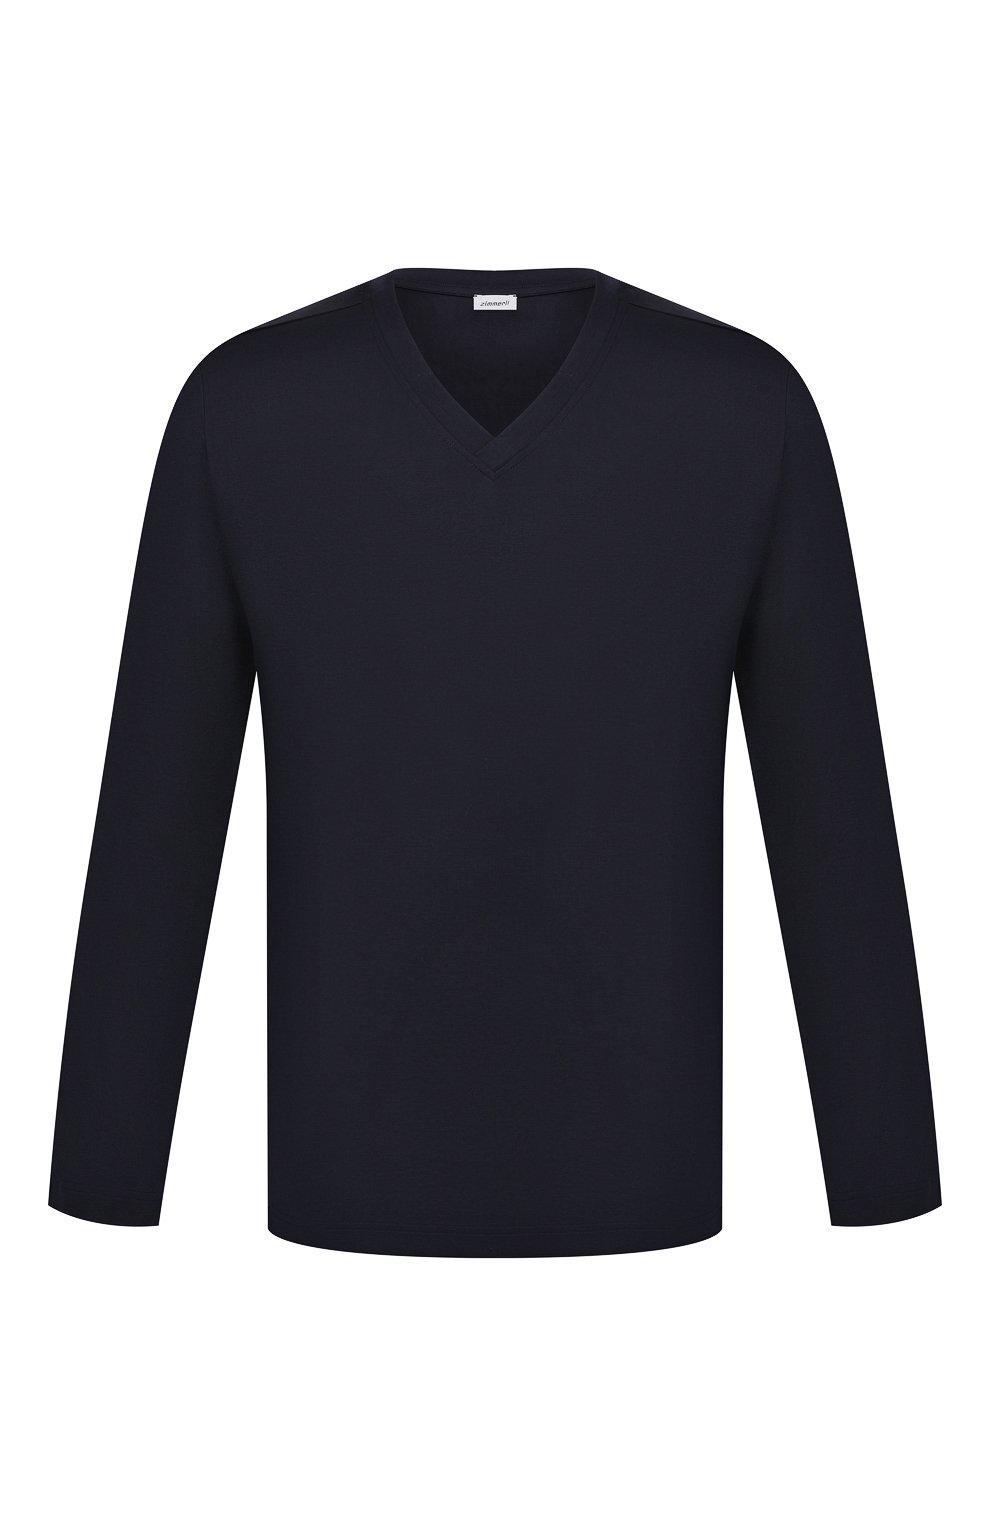 Мужская хлопковый лонгслив ZIMMERLI темно-синего цвета, арт. 3460-95302 | Фото 1 (Рукава: Длинные; Кросс-КТ: домашняя одежда; Длина (для топов): Стандартные; Материал внешний: Хлопок; Мужское Кросс-КТ: Футболка-белье)